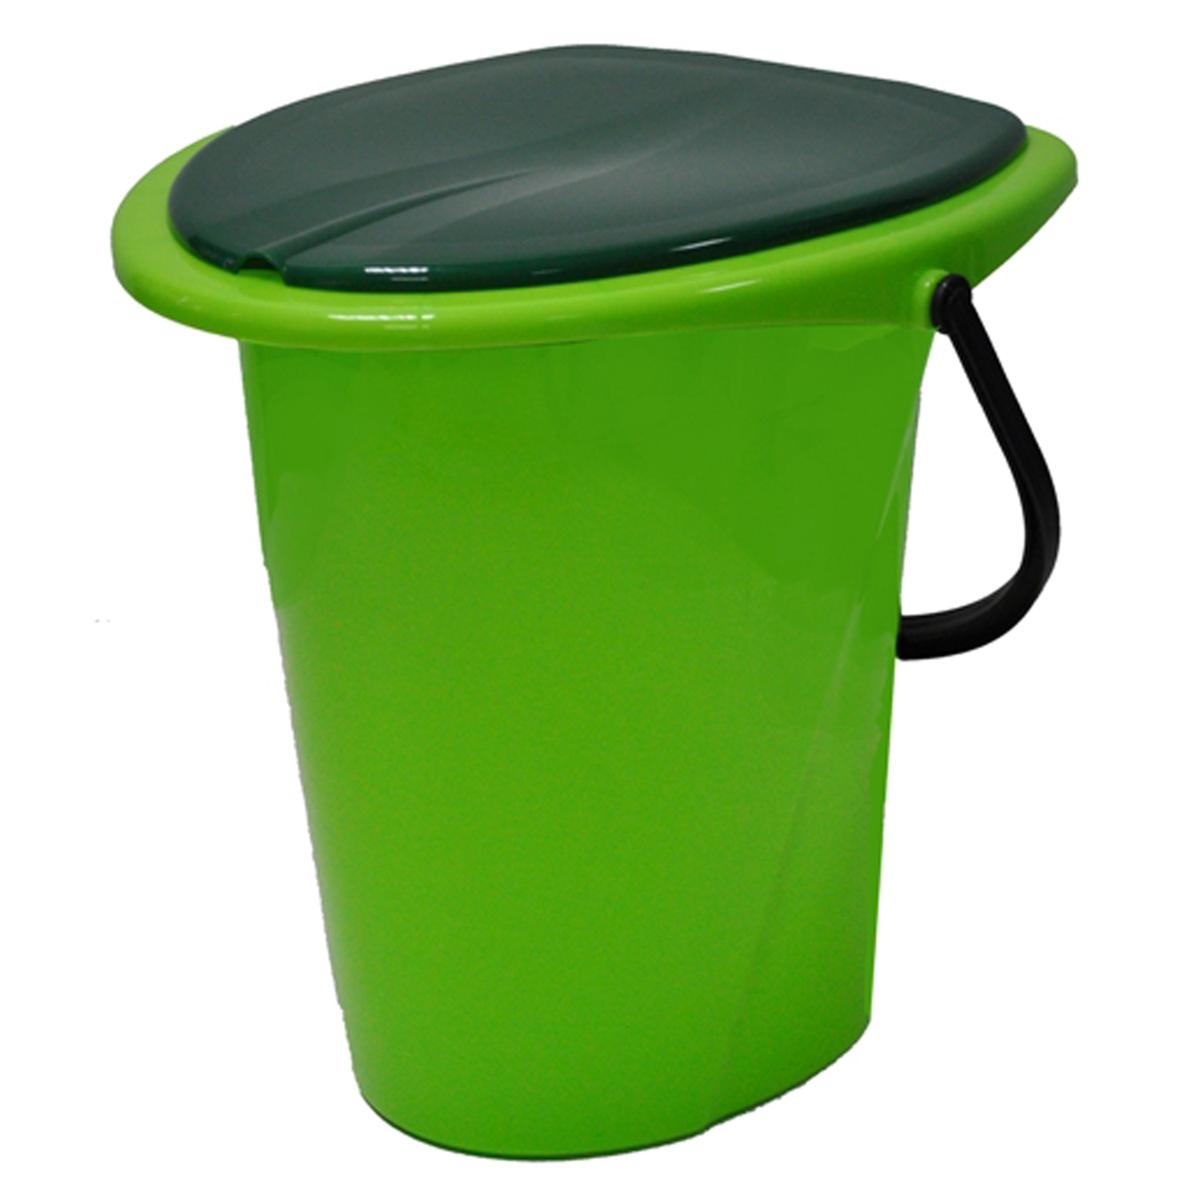 Ведро-туалет InGreen, цвет: зеленый, салатовый, 17 лING30001СЛ-7РSВедро-туалет InGreen выполнено из пластика. Этонезаменимая вещь на даче, а также для пожилых людей илюдей с ограниченными возможностями. Устойчивое ивысокое ведро удобно в использовании. Ведро-туалет имеетэргономичное съемное сиденье - это позволит легко его мытьи сушить отдельно. Ведро снабжено крышкой, что препятствуетраспространению неприятных запахов. Прочный пластиквыдержит даже людей с большим весом.